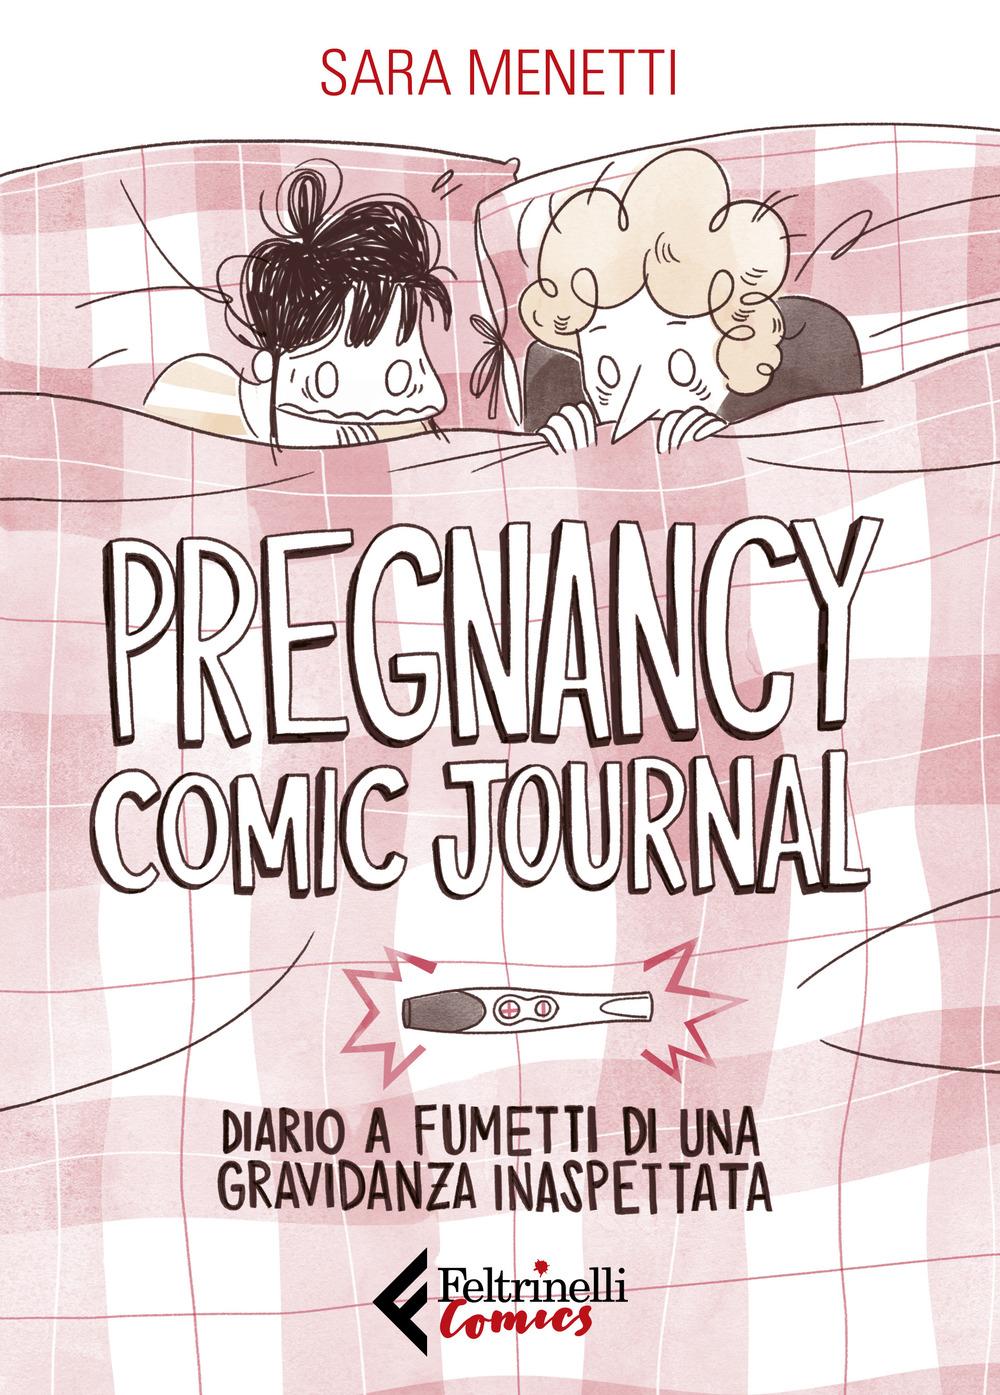 Pregnancy comic journal. Diario a fumetti di una gravidanza inaspettata